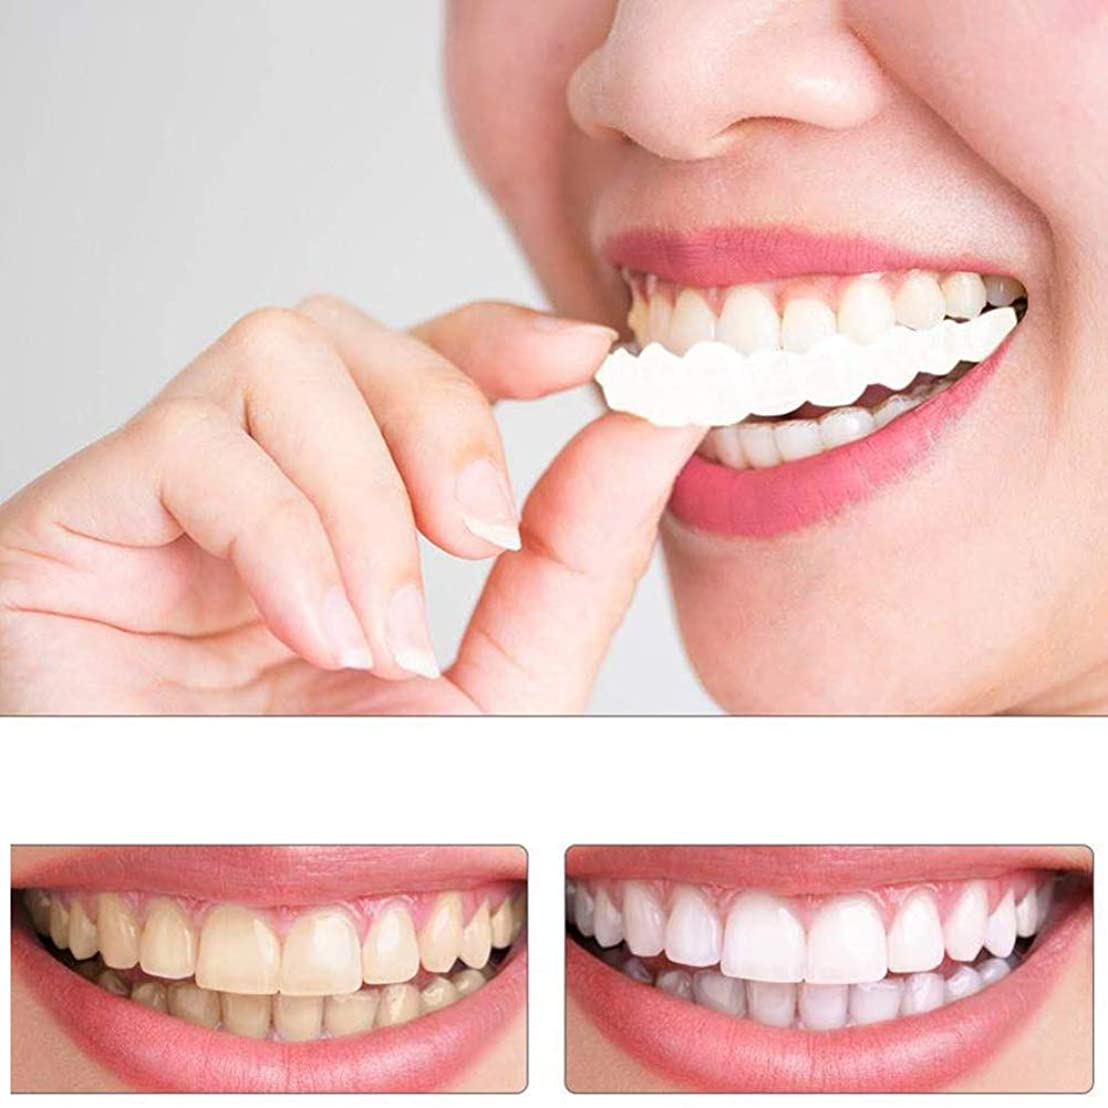 ストレス散髪日記2個パーフェクトニートコンフォートフィットするFlex歯ベニア口ケアホワイトが美しい笑顔